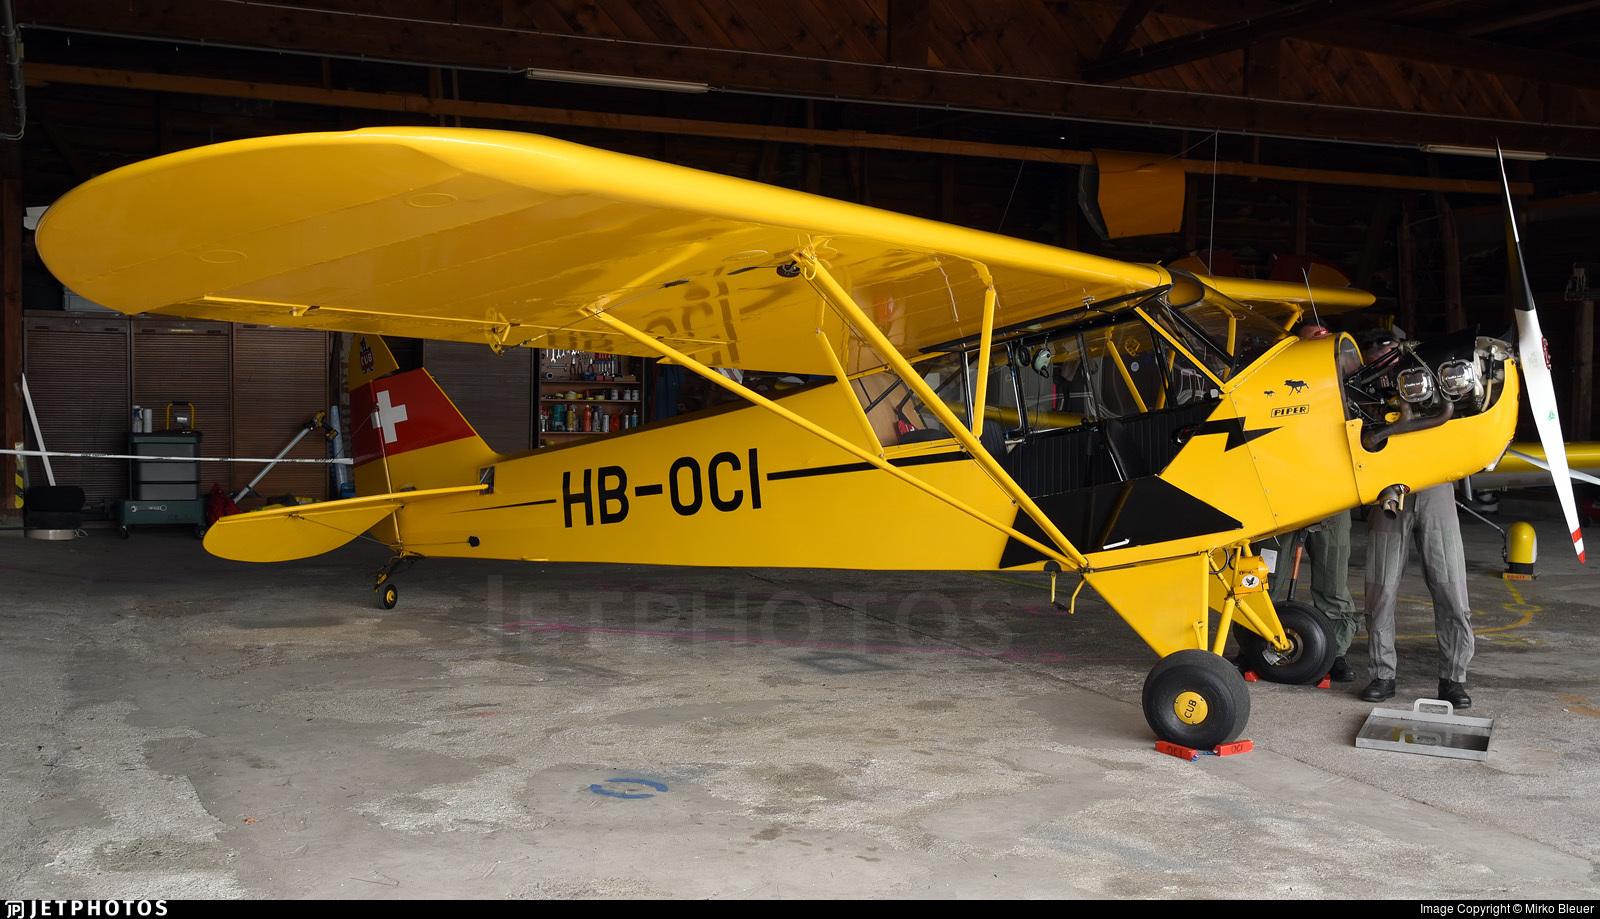 HB-OCI - Piper L-4H Cub - Private